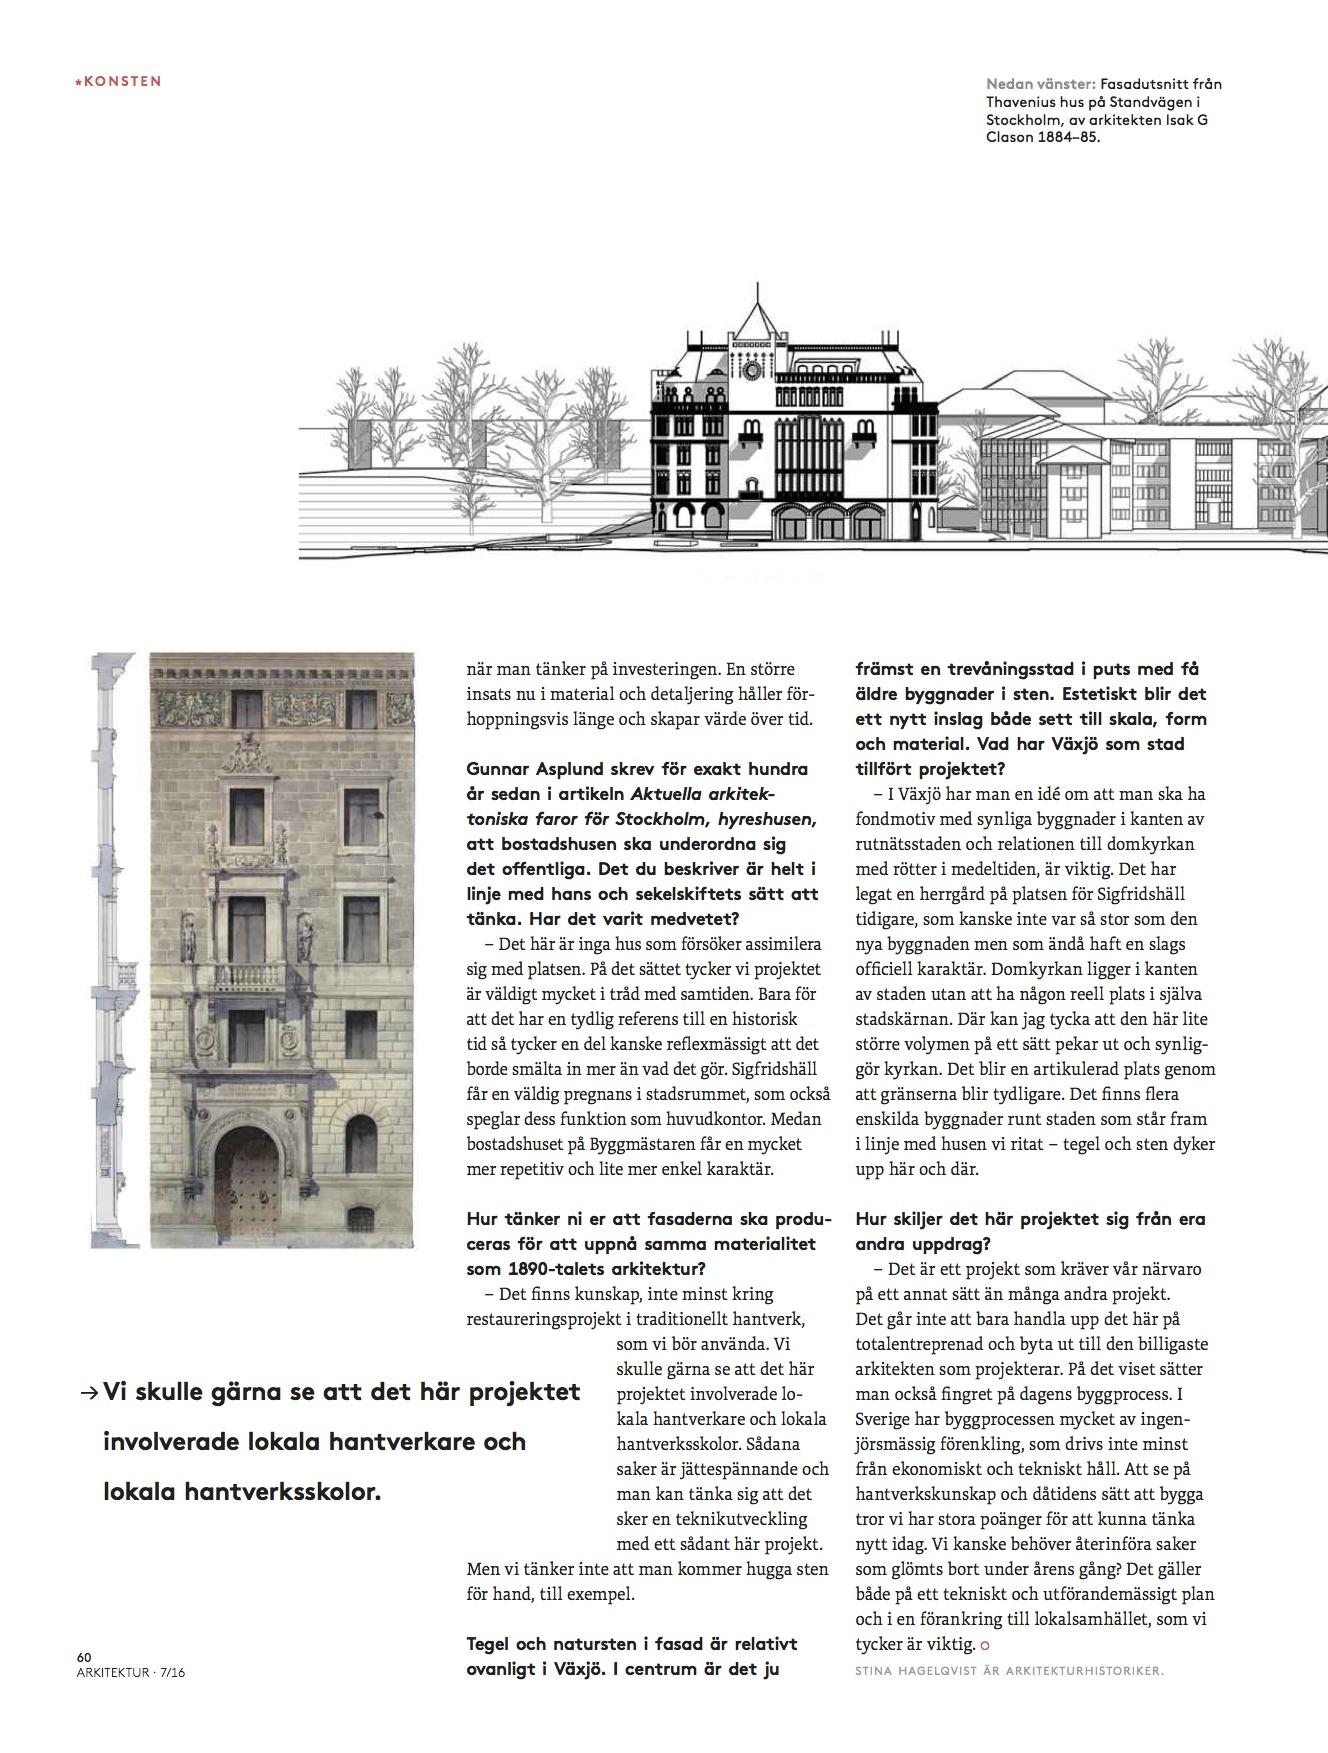 Spridd intervju Arkitektur_7_2016-2_5.jpg